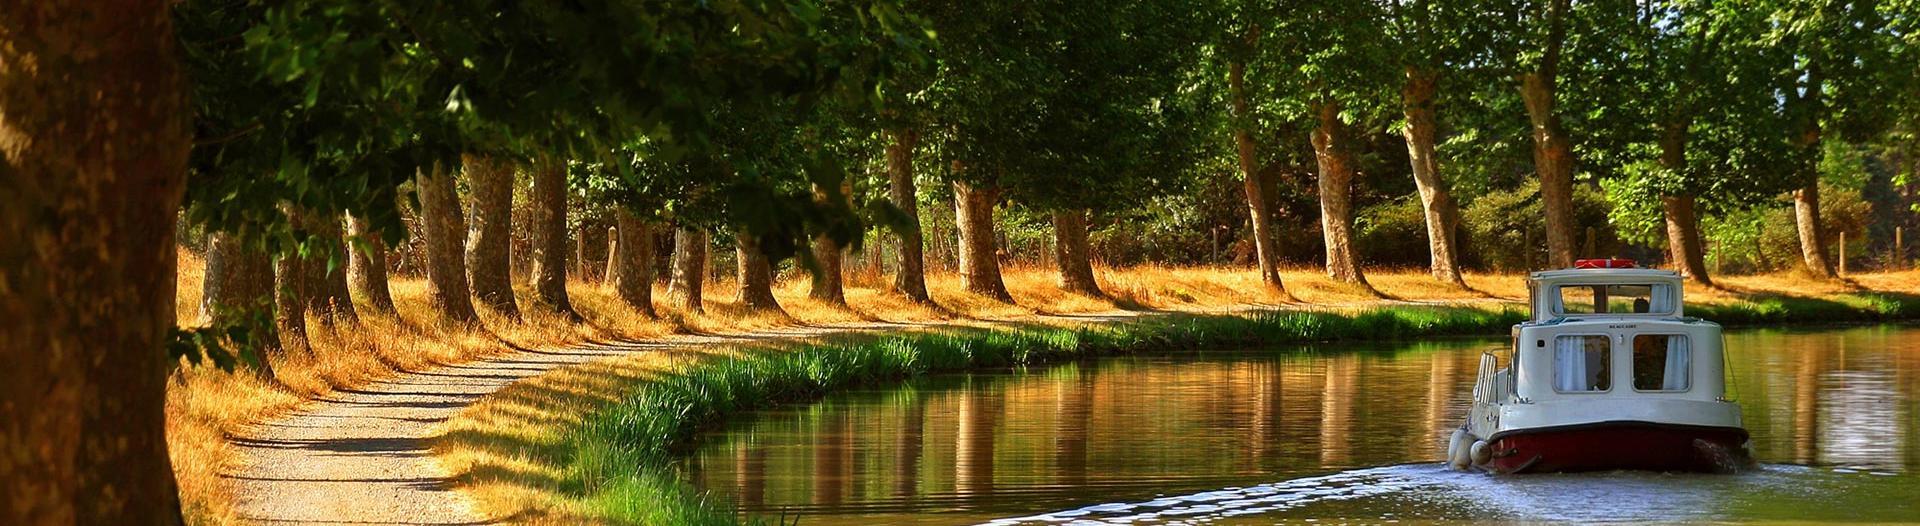 slide-Canal-du-Midi-aude